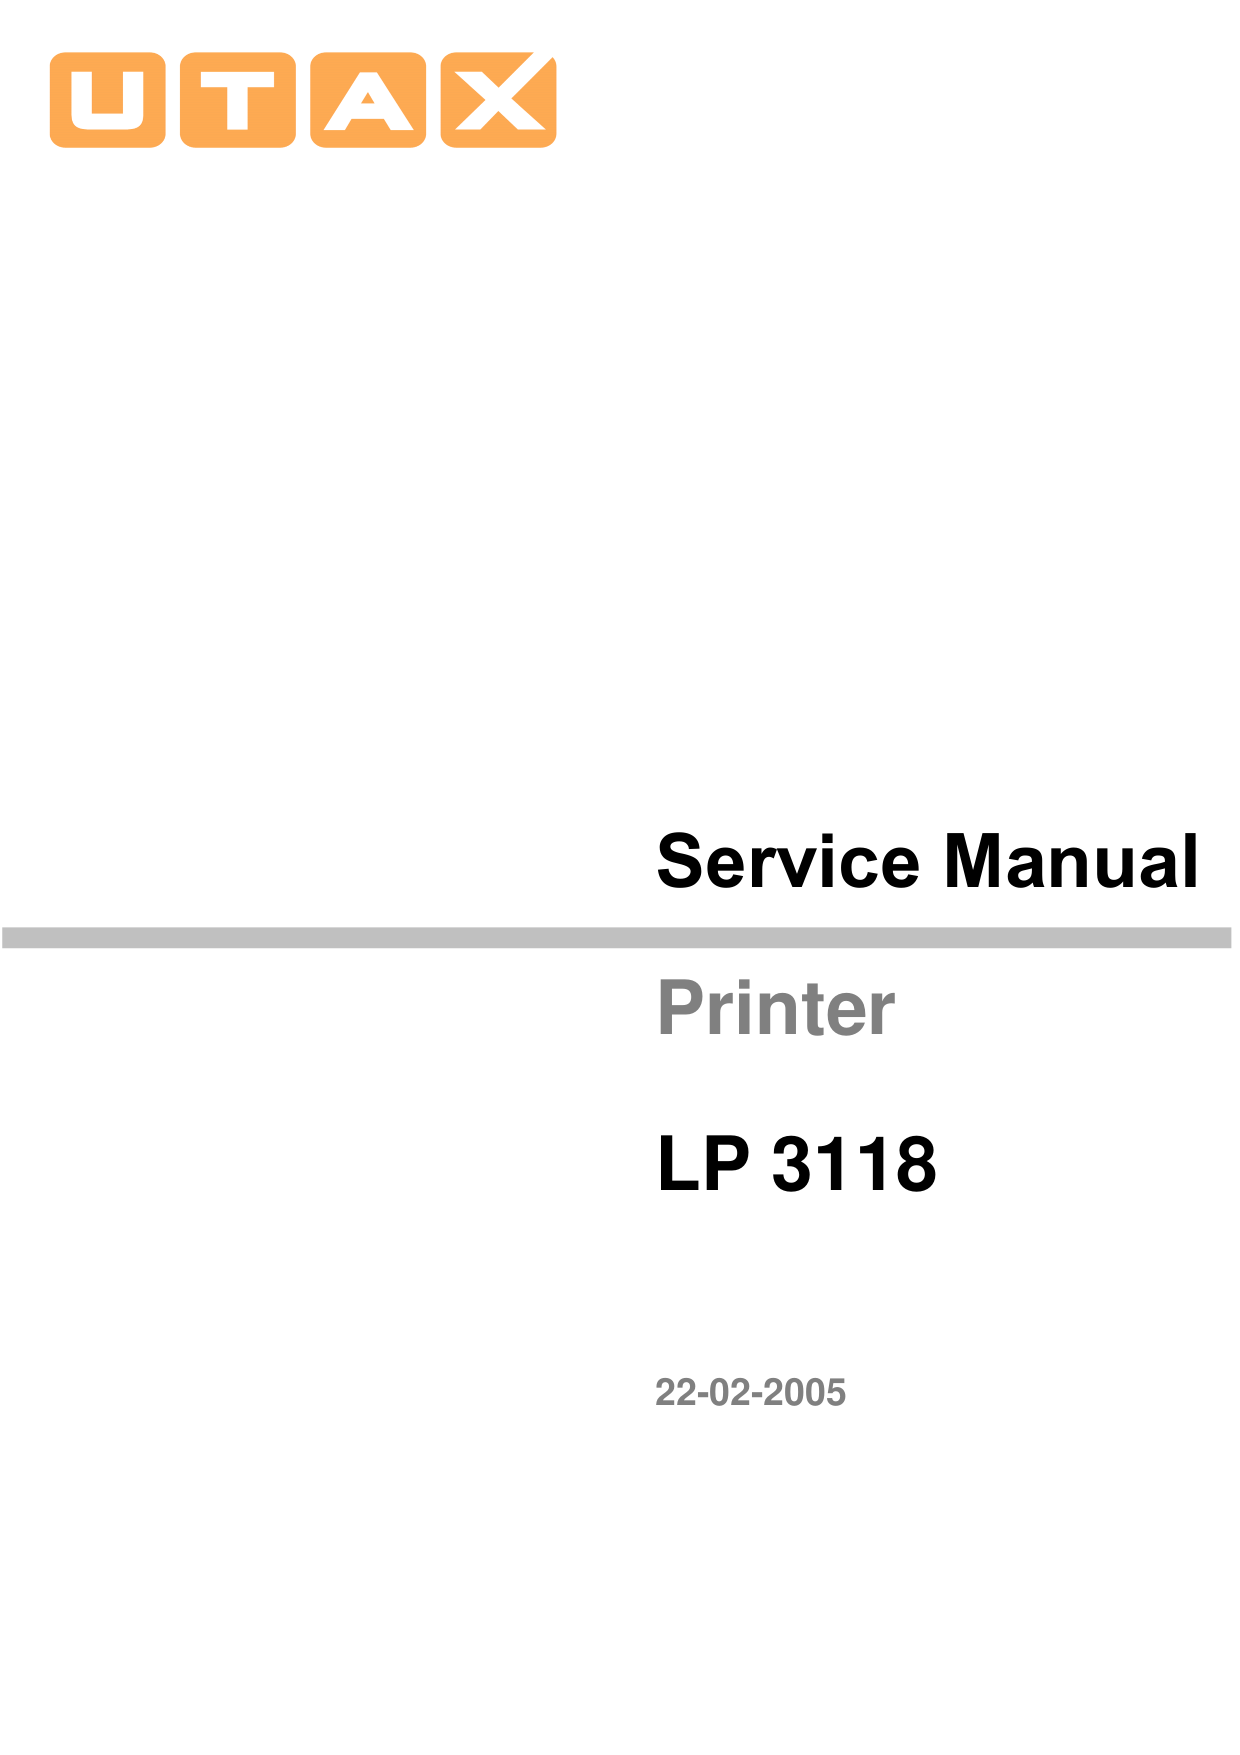 pdf for Kyocera Printer FS-920 manual